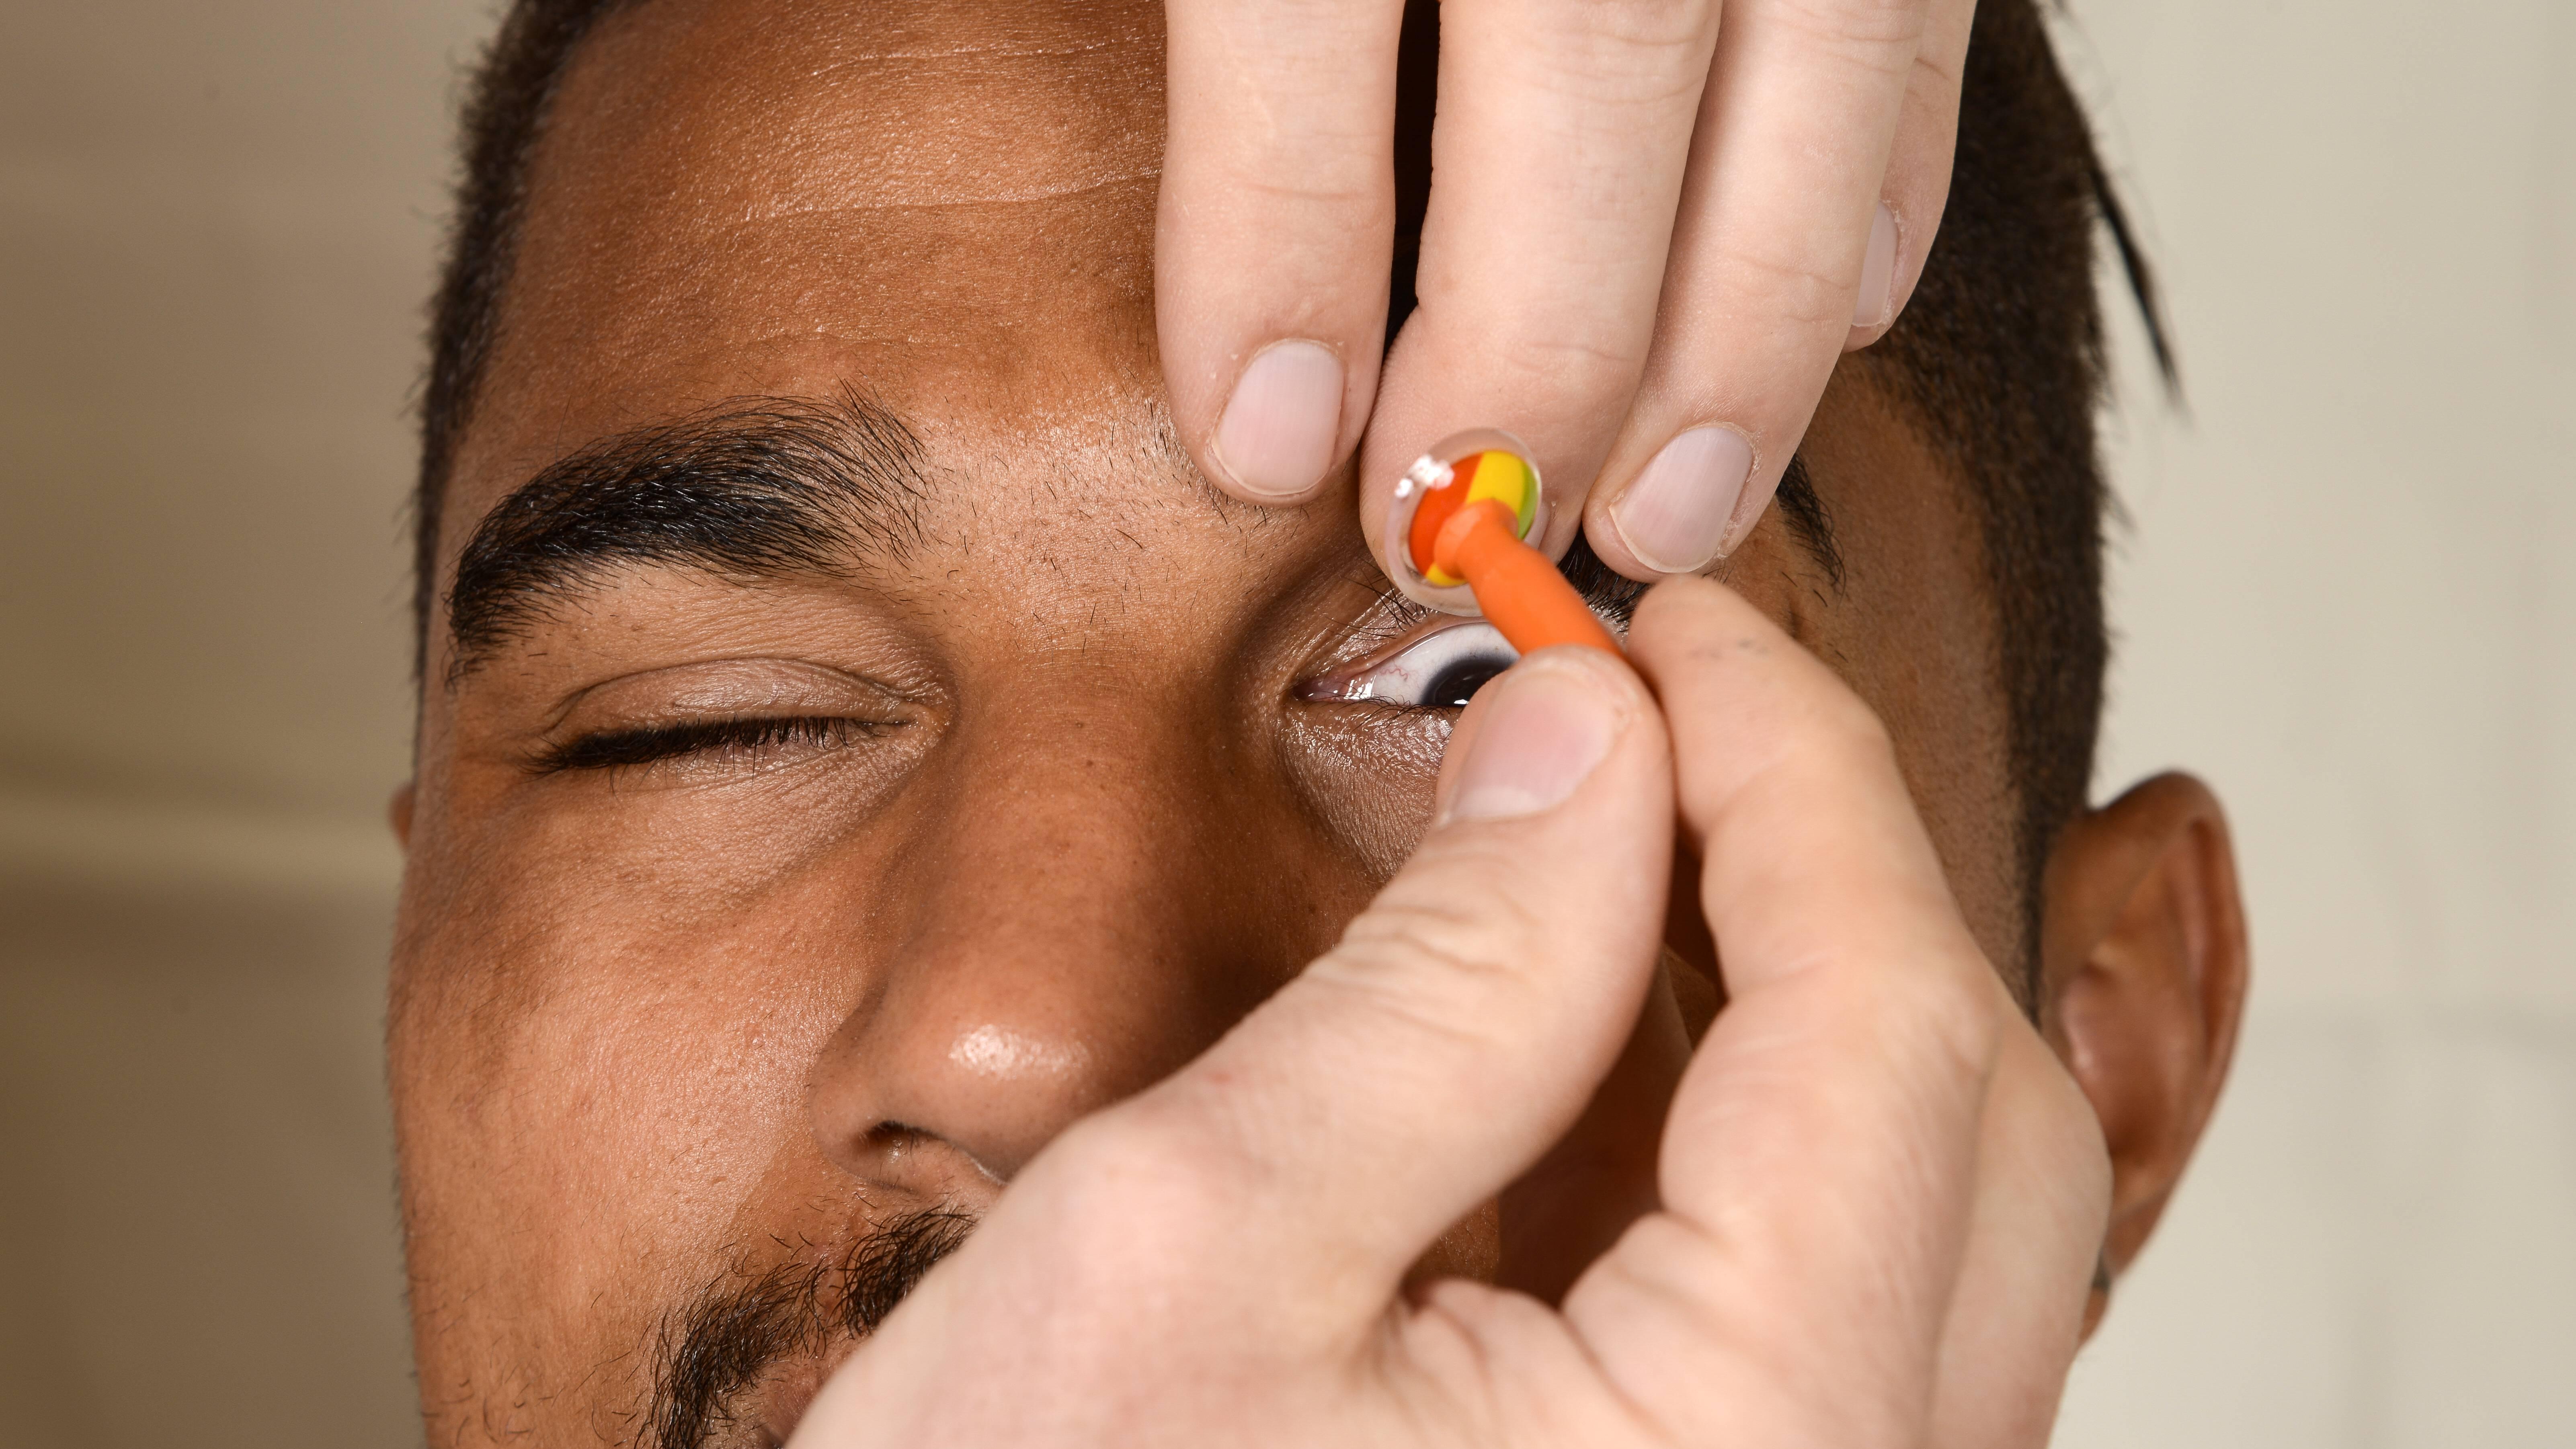 Treten beim Herausnehmen Schwierigkeiten auf, lassen Sie sich durch eine zweite Person helfen oder benutzen bei harten Linsen einen Sauger.